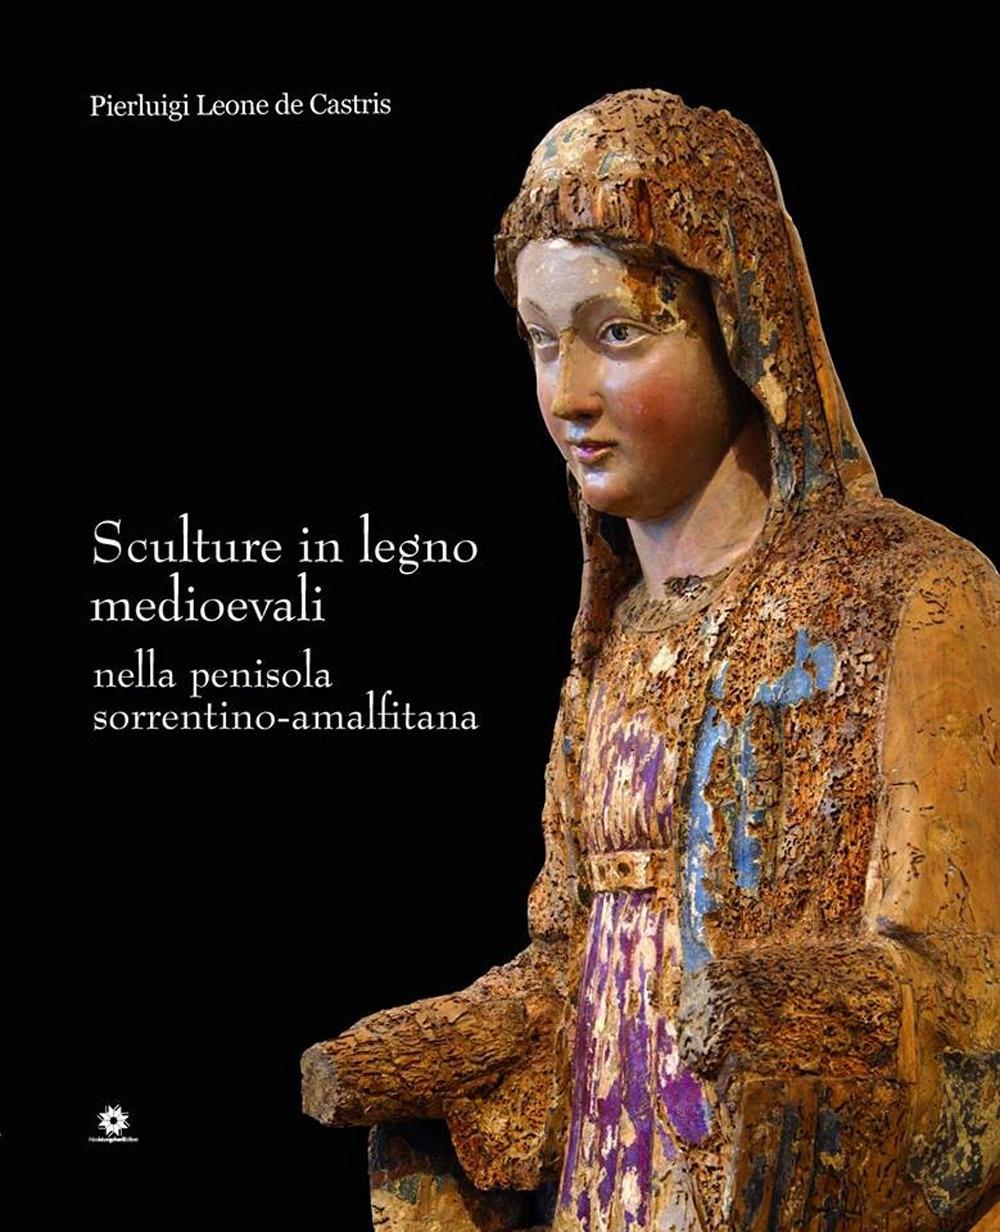 Sculture in legno medioevali nella penisola sorrentino-amalfitana